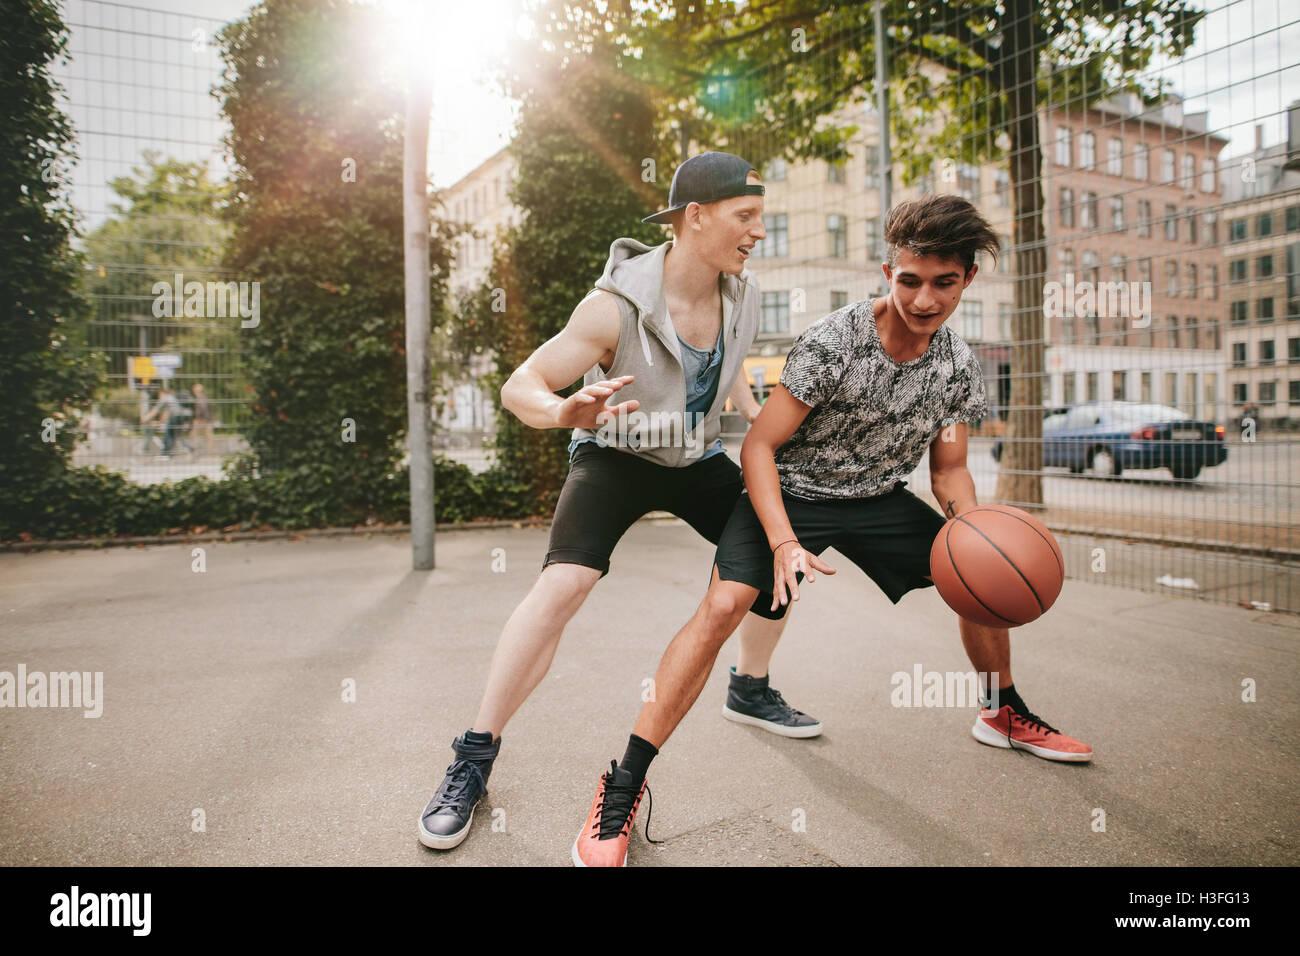 Jugendliche auf Freiplatz Basketball zu spielen und Spaß haben. Junger Mann dribbling Basketball mit Freund Stockbild